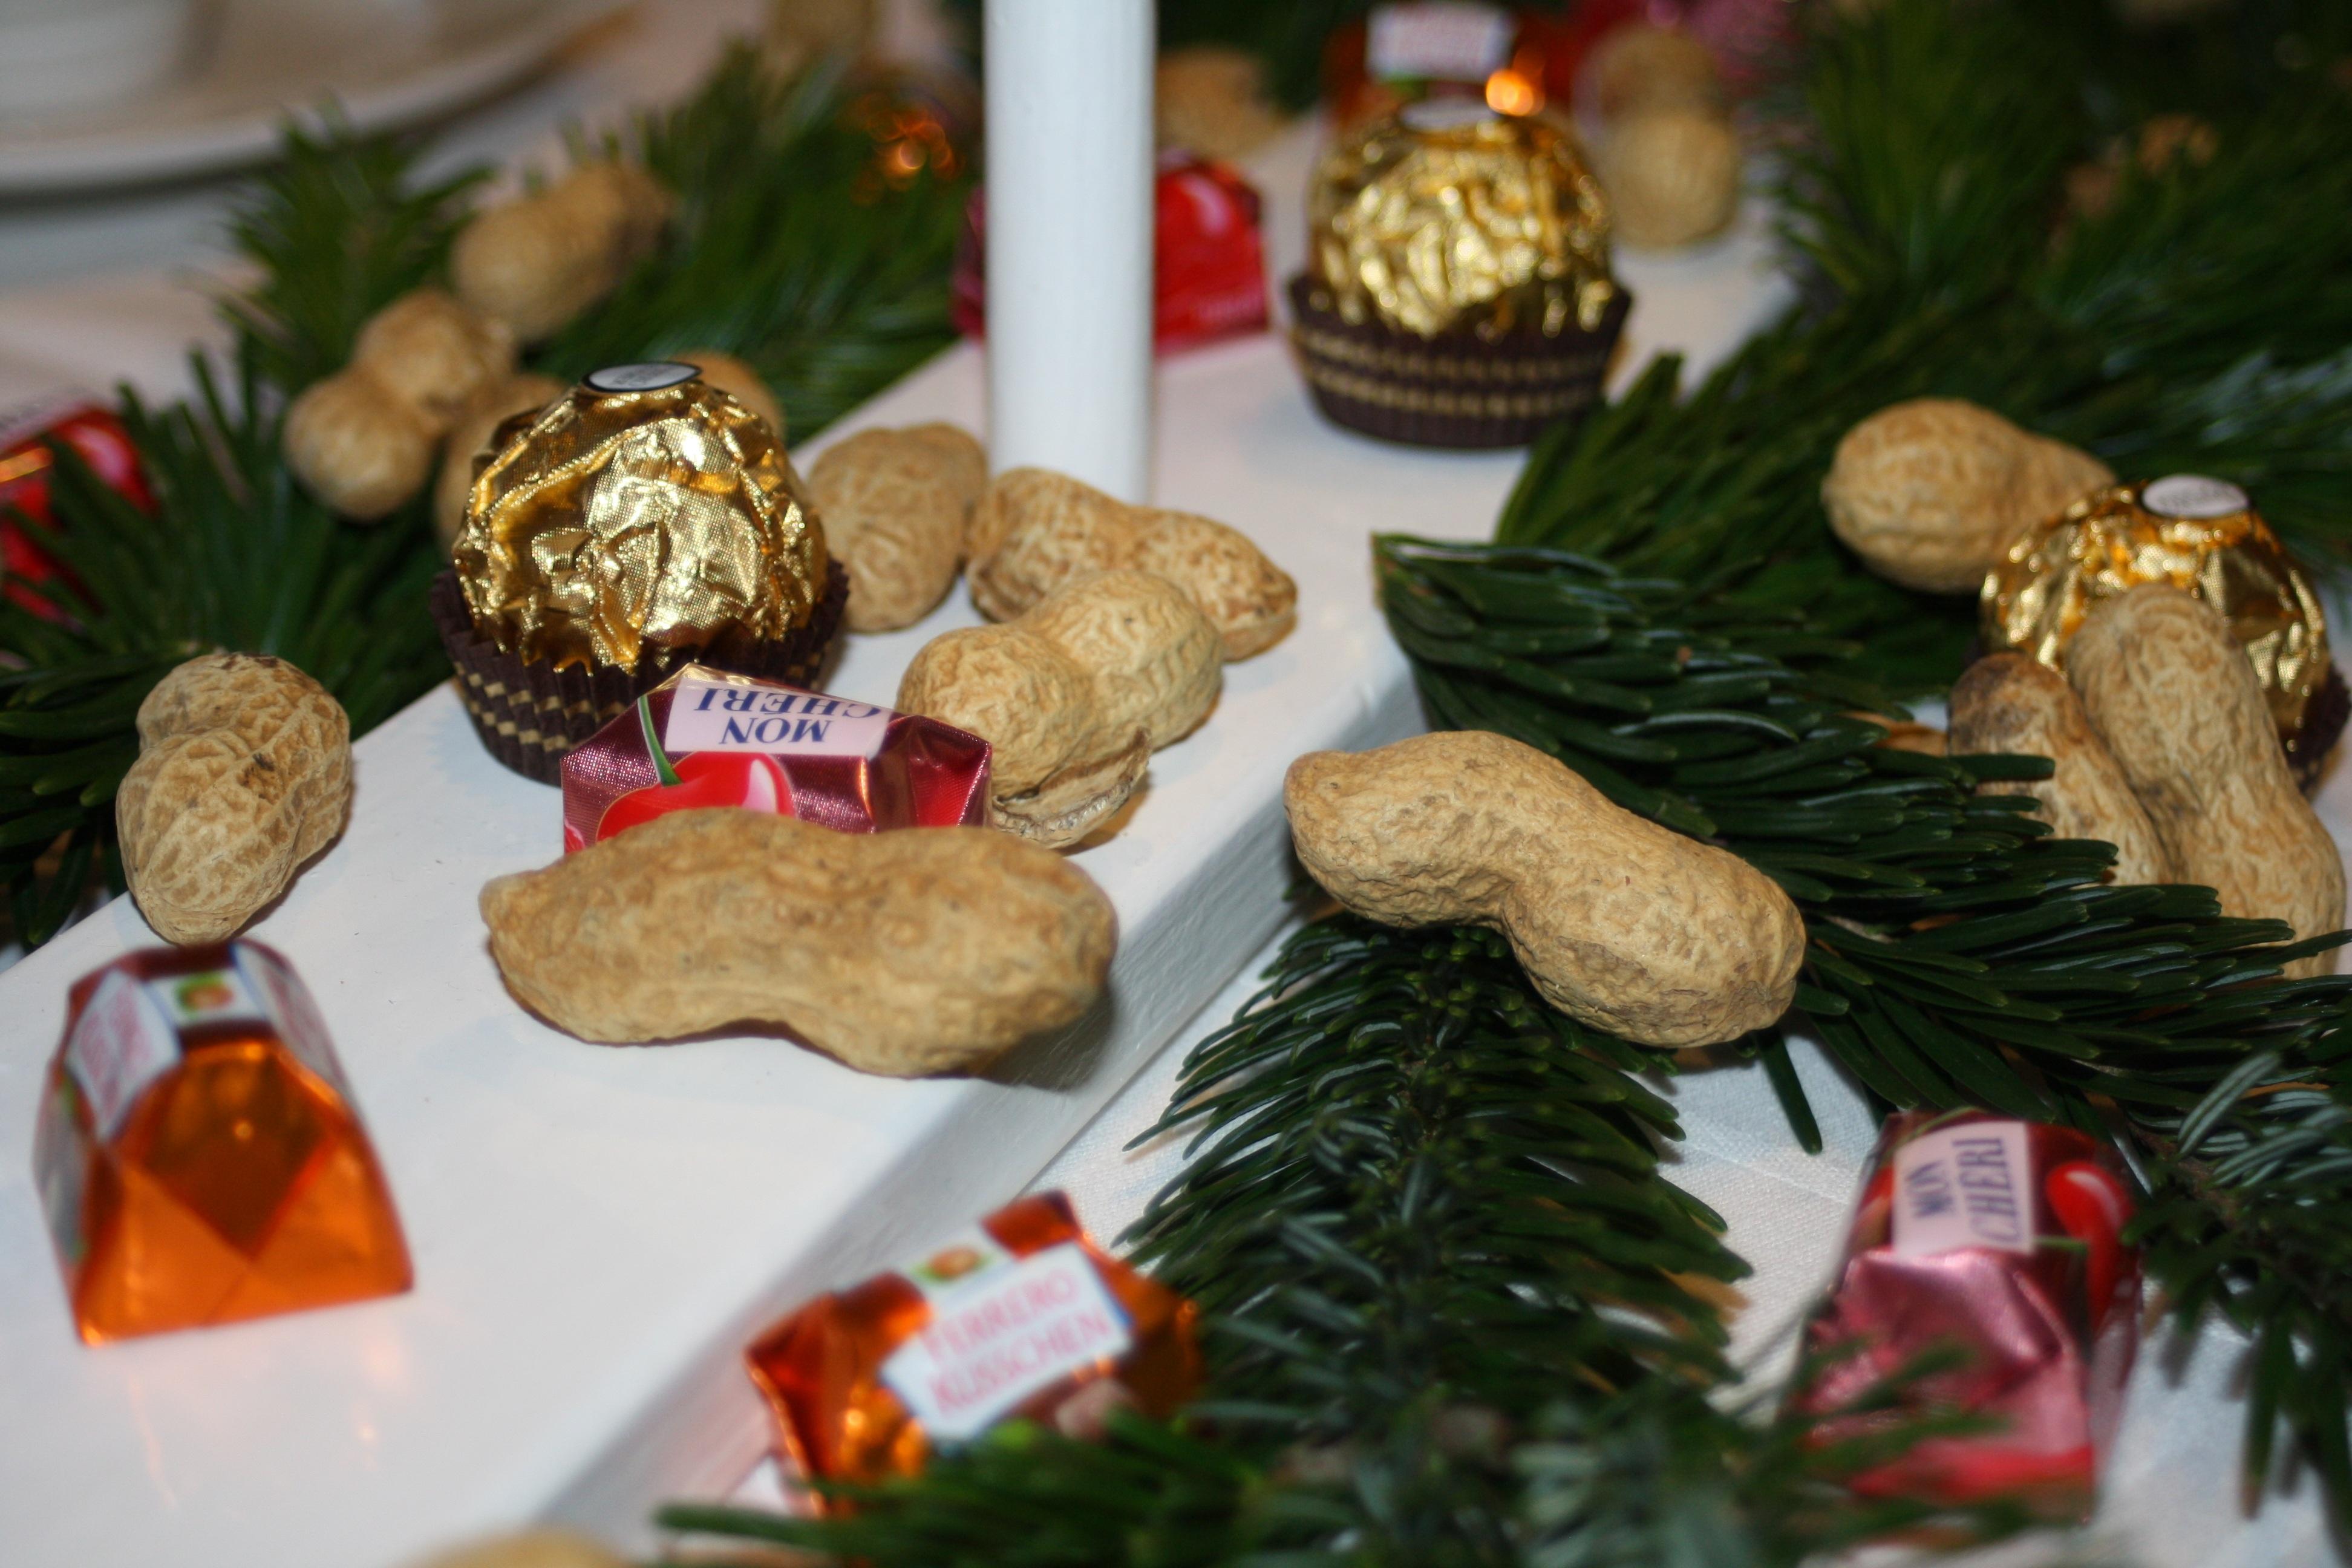 Gratis afbeeldingen schotel maaltijd eten vakantie kerstmis deco kerst decoratie hulst - Decoratie schotel ...